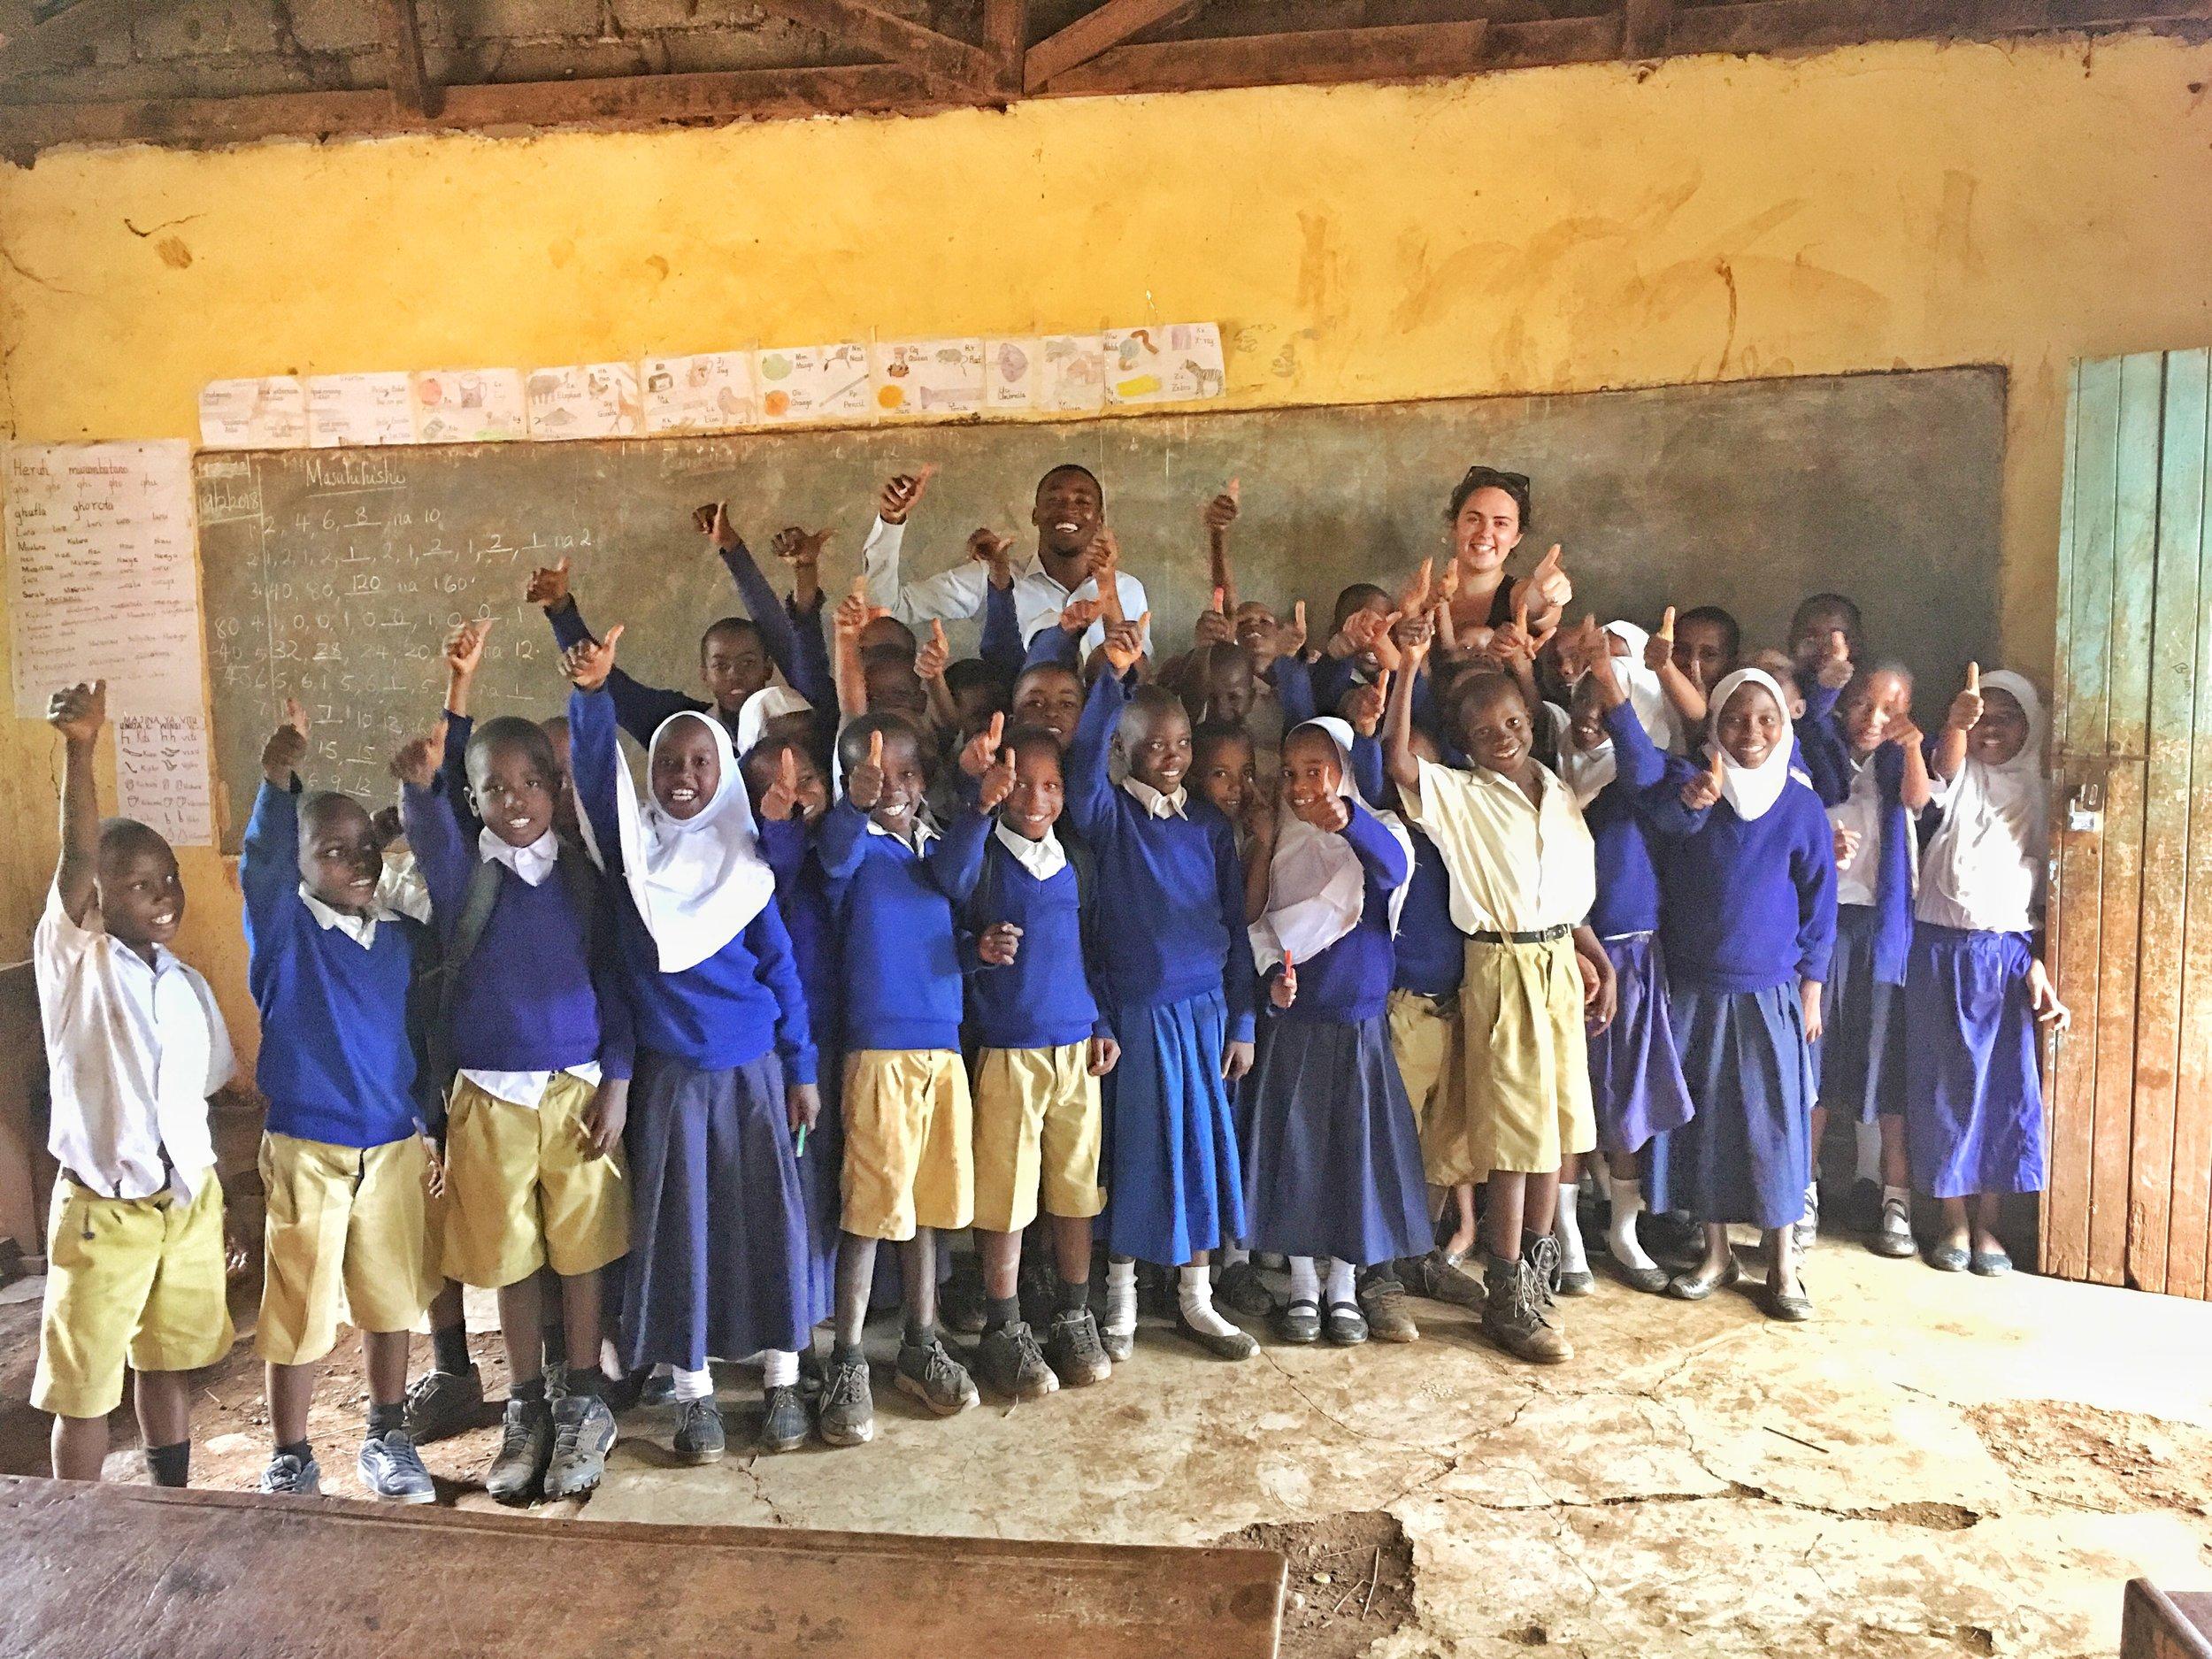 EIK-PROGRAMMET (Education Is Key):  Vi samarbetar med de lokala skolorna i vår stadsdel och erbjuder Engelska- och Binti Yetu- (Våra Döttrar på swahili) klubbar under lektionstimmar. Vår Engelska-klubb drivs av Simbas lärare och önskar förbättra elevernas engelskakunskaper på mellanstadiet. Vi erbjuder även professionell utveckling och stöd till skolornas lärare, detta med målet att uppmuntra till en alternativ undervisningsmetod baserat på den tanzaniska kursplanen. Vår Binti Yetu-klubb ger unga tjejer i mellanstadiet chansen till en fristad där ämnen som kvinnors rättigheter, mens, sexualundervisning och jämställdhet kan pratas om öppet.